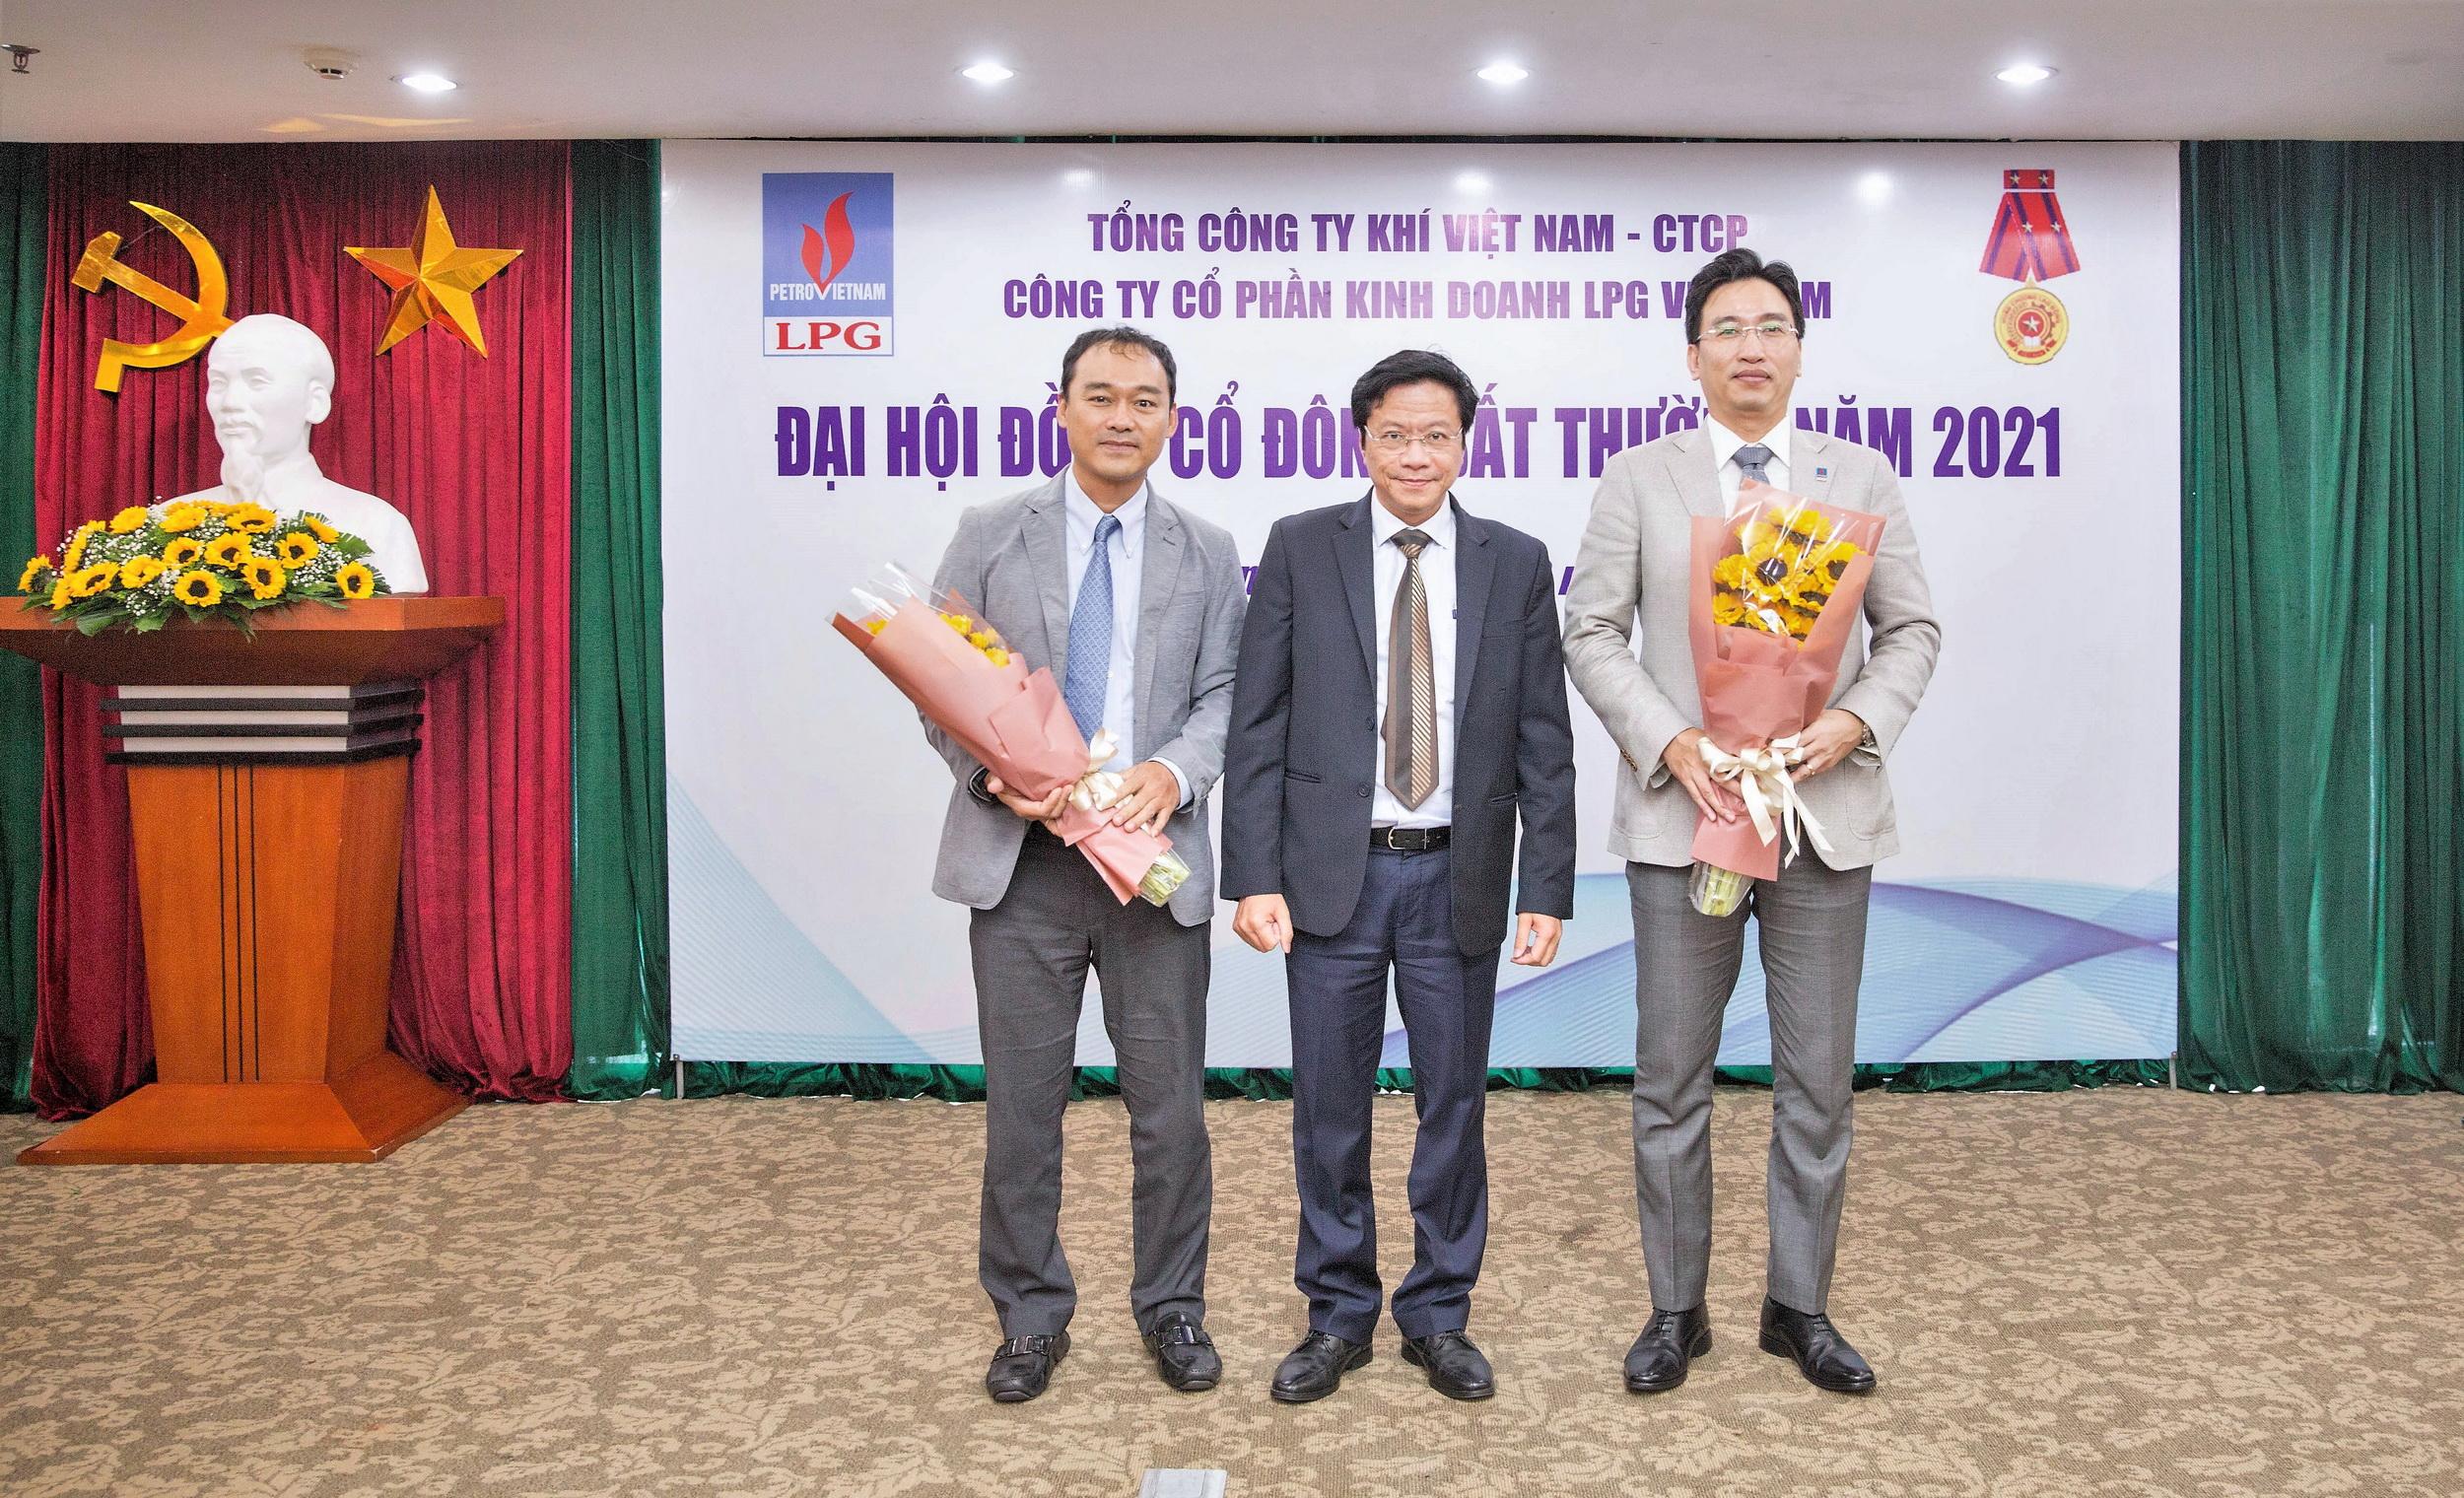 Ông Nguyễn Thanh Bình – PTGĐ PV GAS và ông Đoàn Trúc Lâm (bên trái) được bầu giữ chức vụ thành viên Hội đồng quản trị PVGAS LPG. Ông Nguyễn Thanh Bình (bên phải) trở thành Chủ tịch kiêm nhiệm Hội đồng quản trị PVGAS LPG